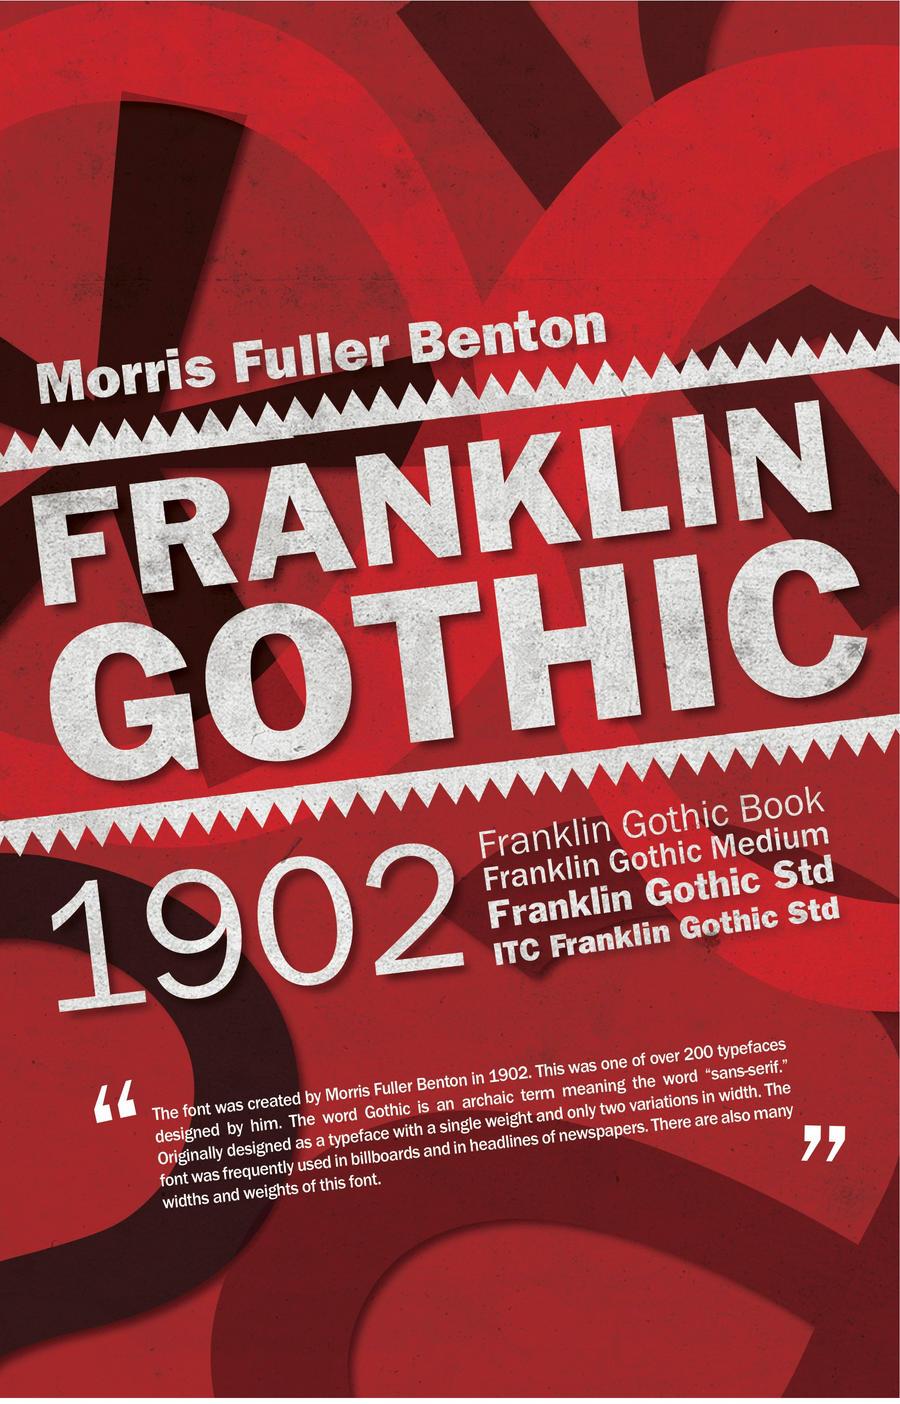 Franklin Gothic Type Poster by heyer815 on DeviantArt